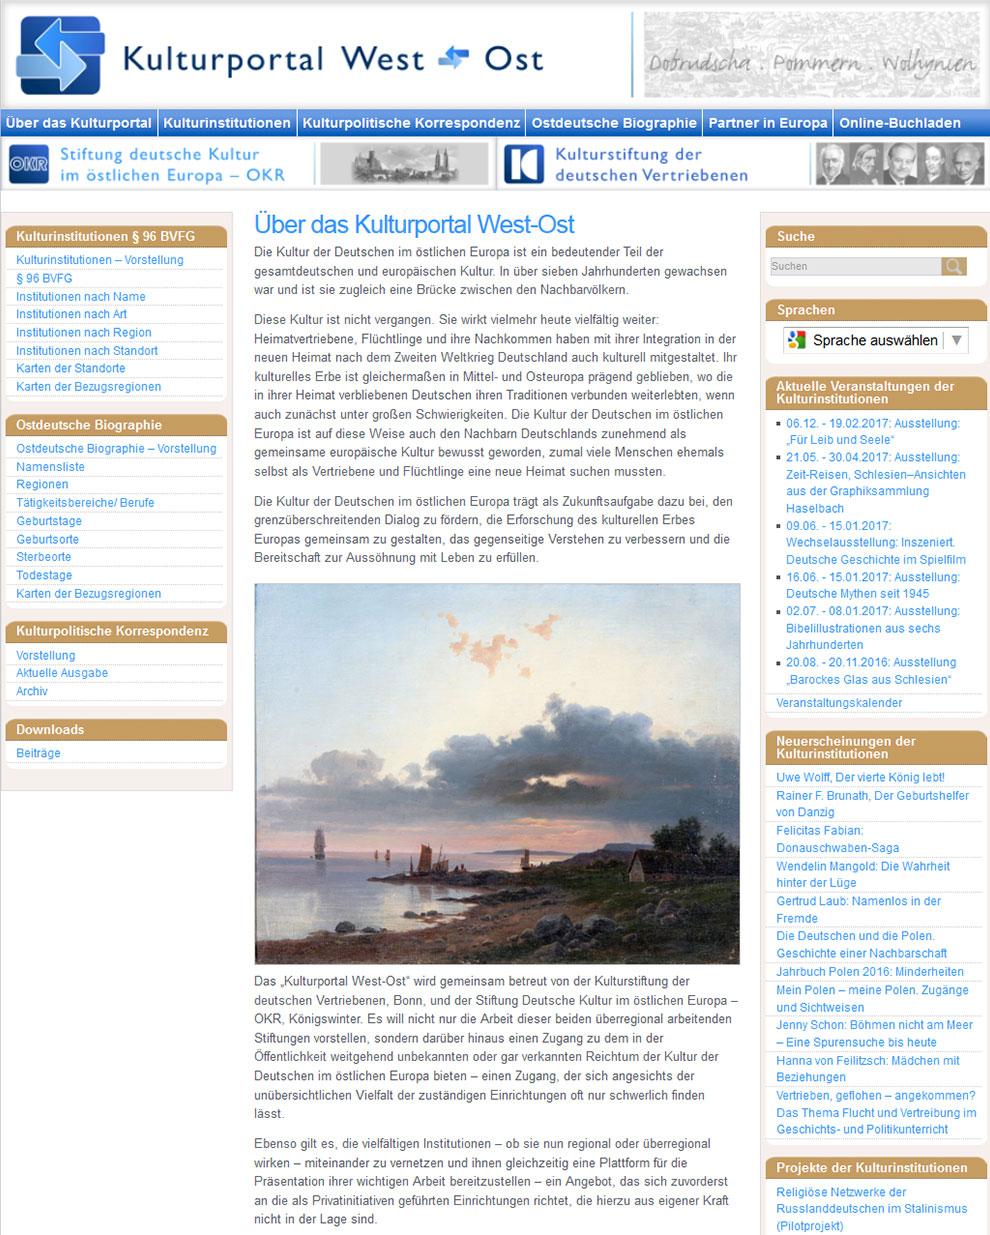 Webseite der Stiftung Deutsche Kultur programmiert vom Westkreuz-Onlineservice